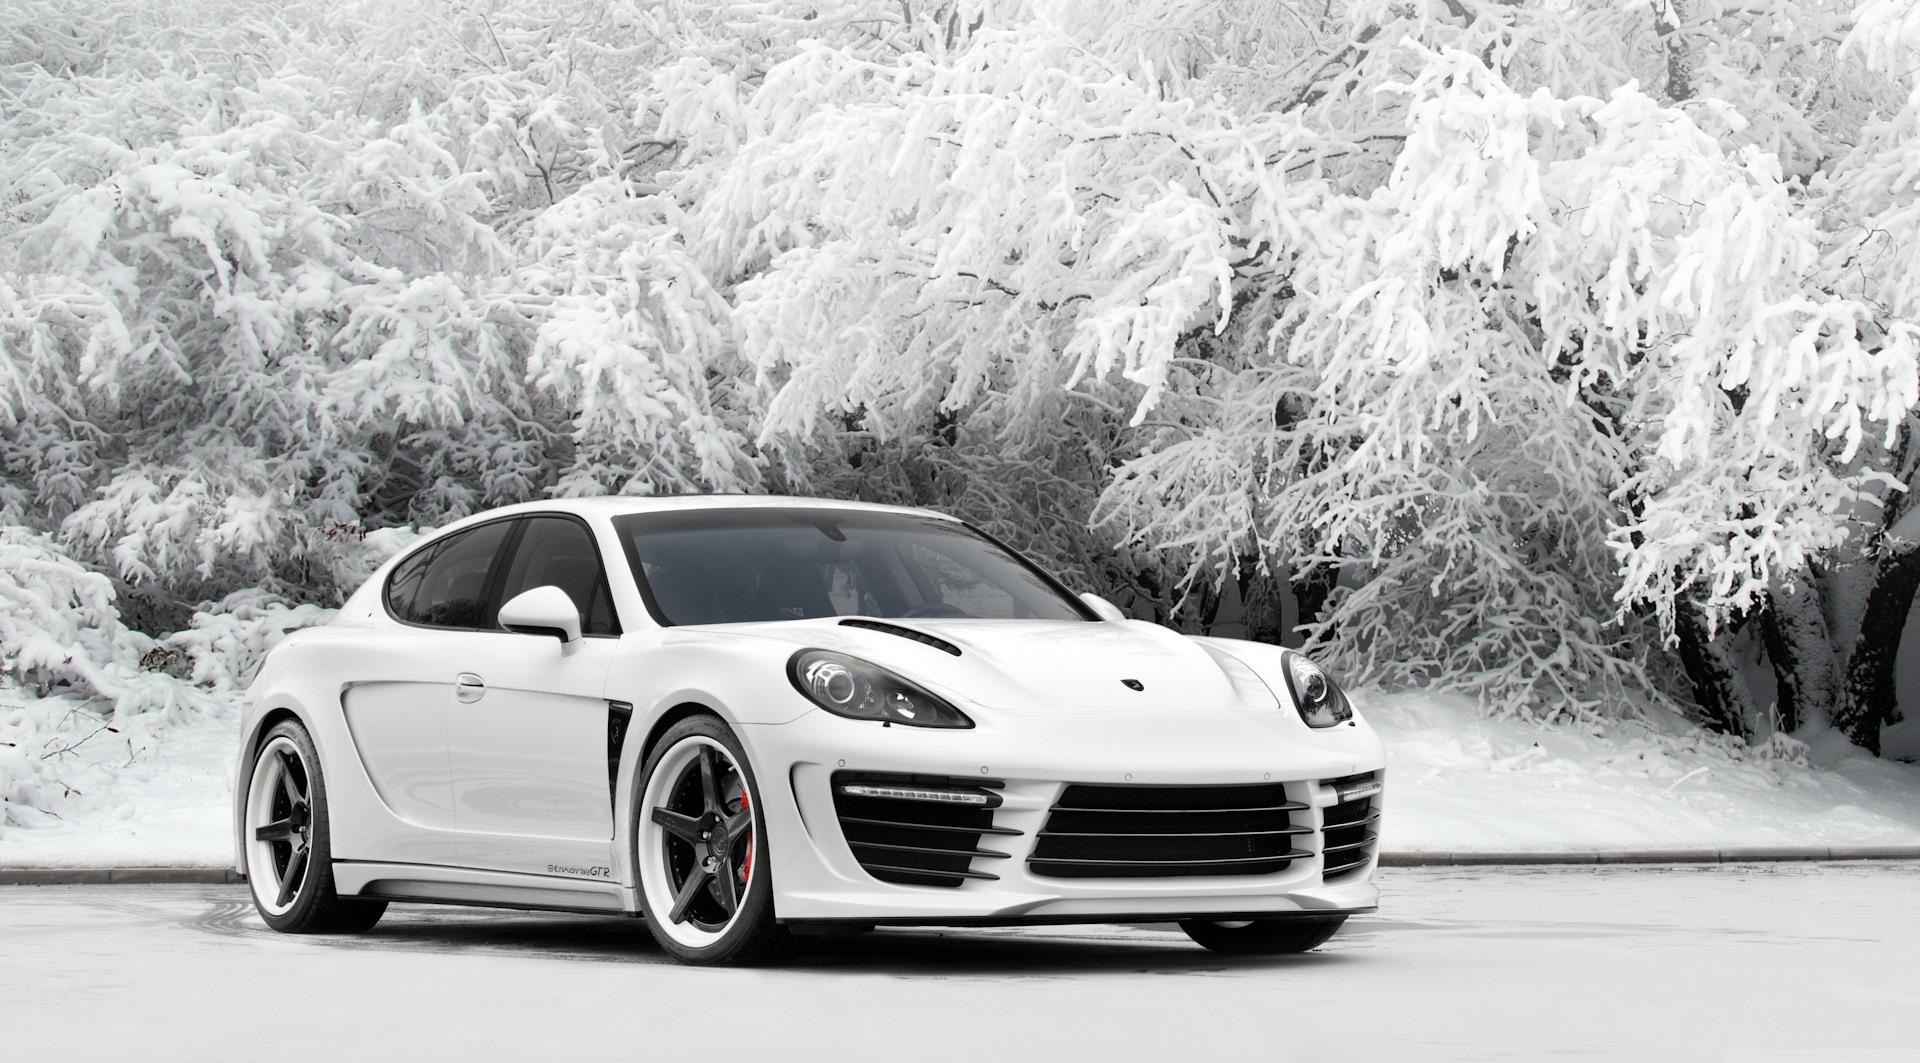 Грузовиком своими, красивые картинки с автомобилями зимой